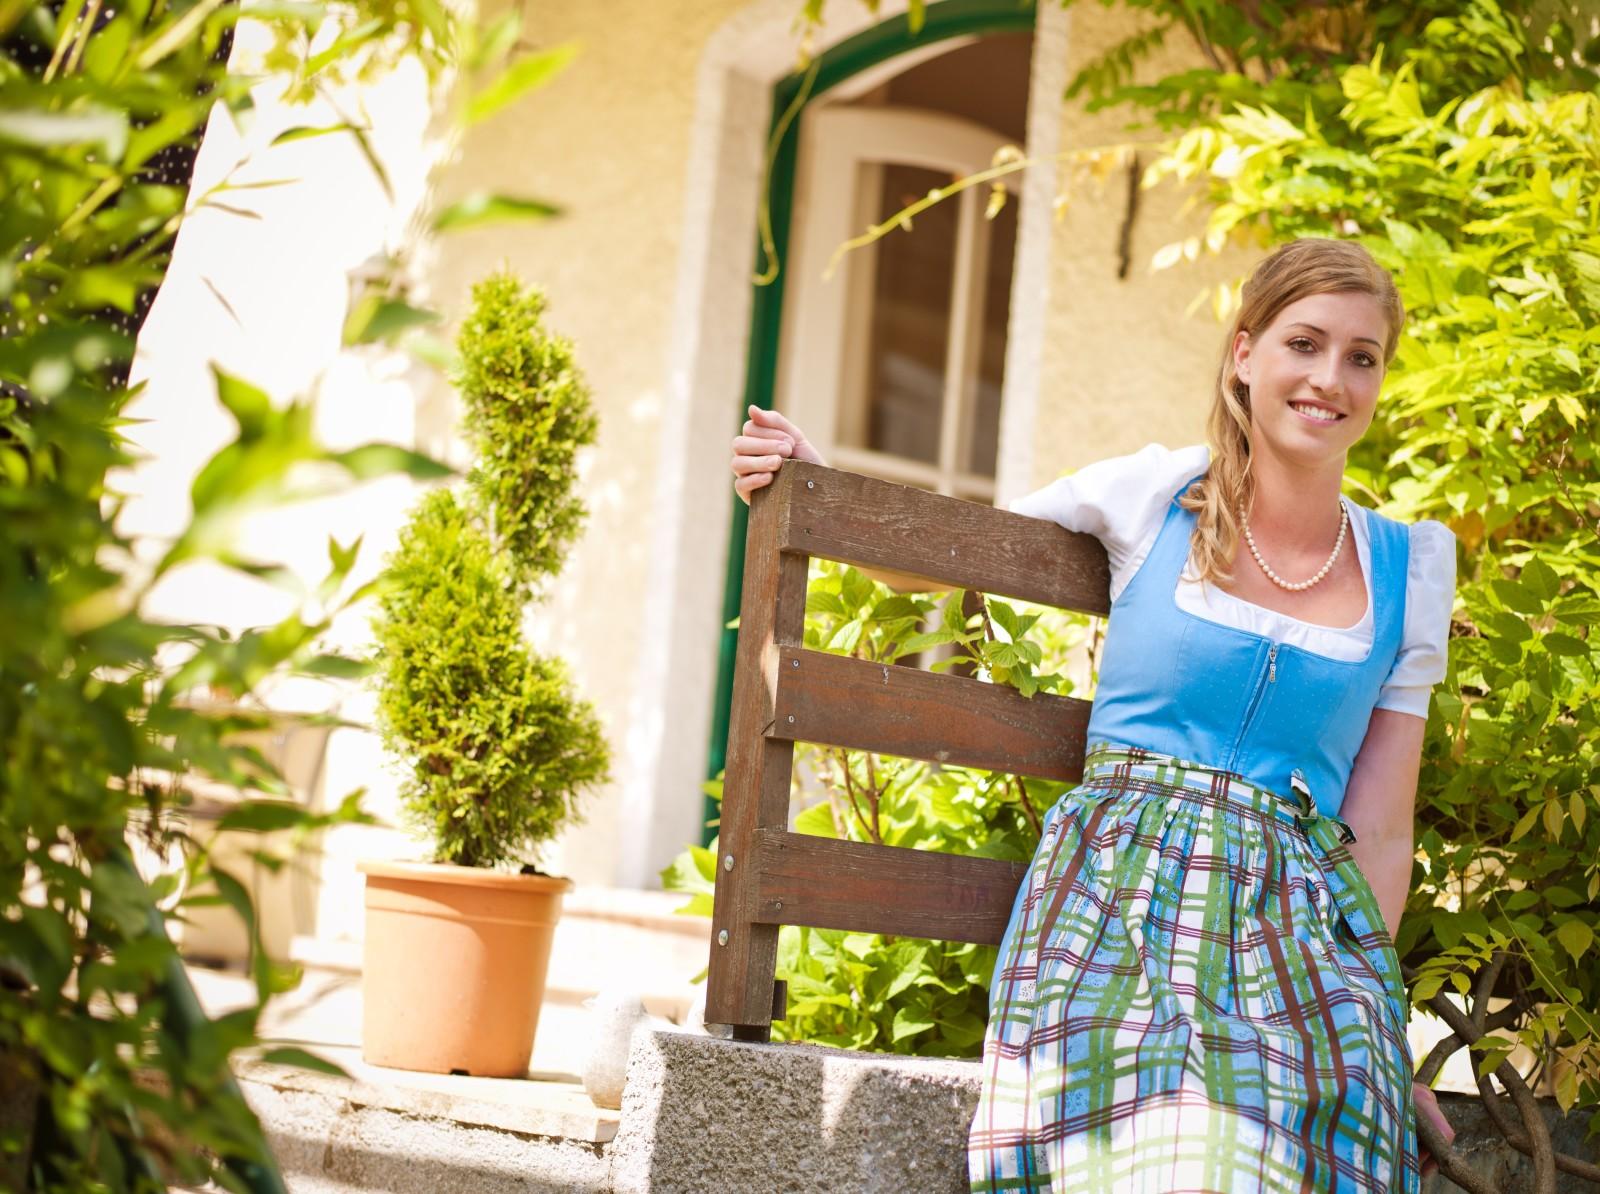 Die Chefin Stefanie Fleischhacker. © Hotel Rosenvilla